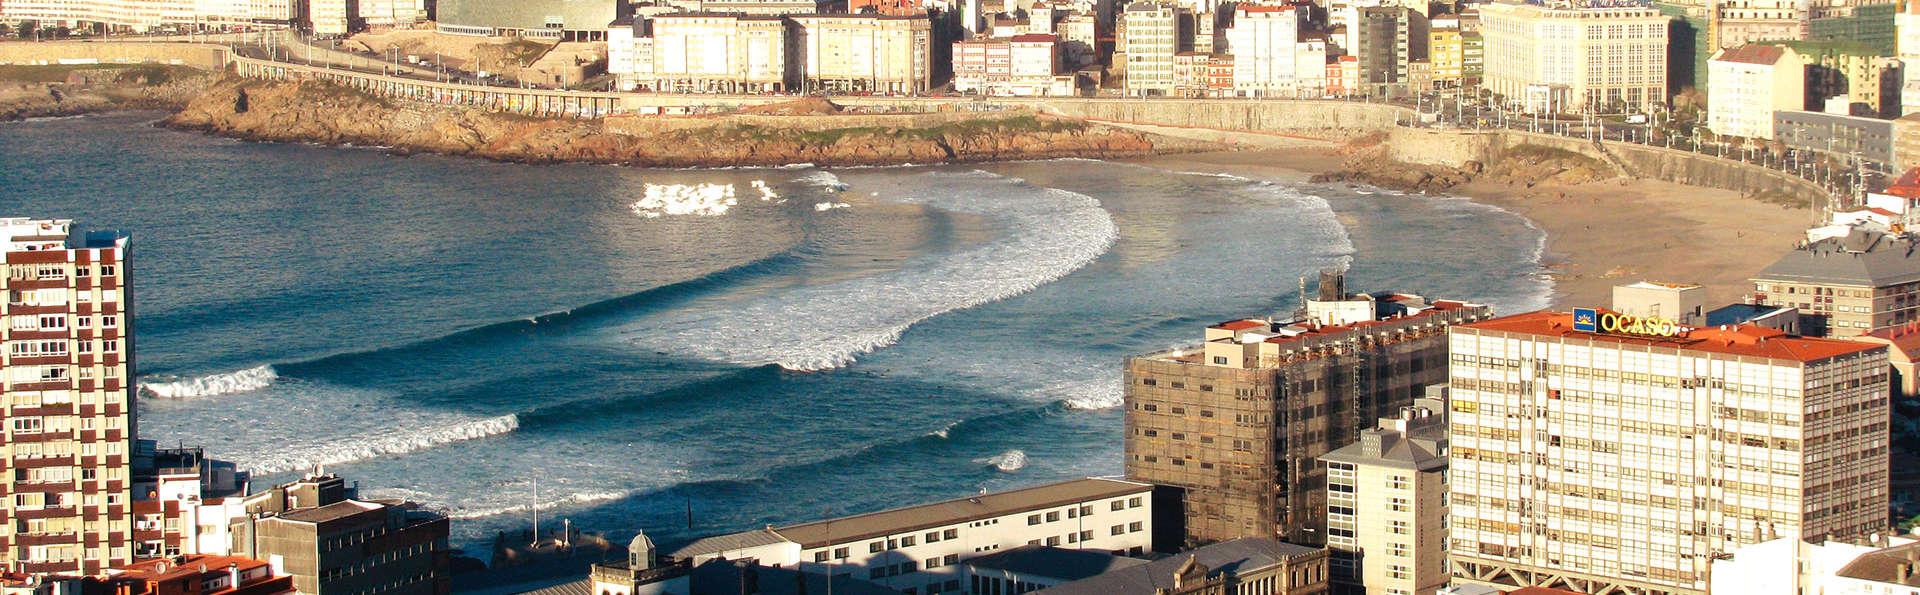 Hotel Zenit Coruña  - EDIT_destination.jpg